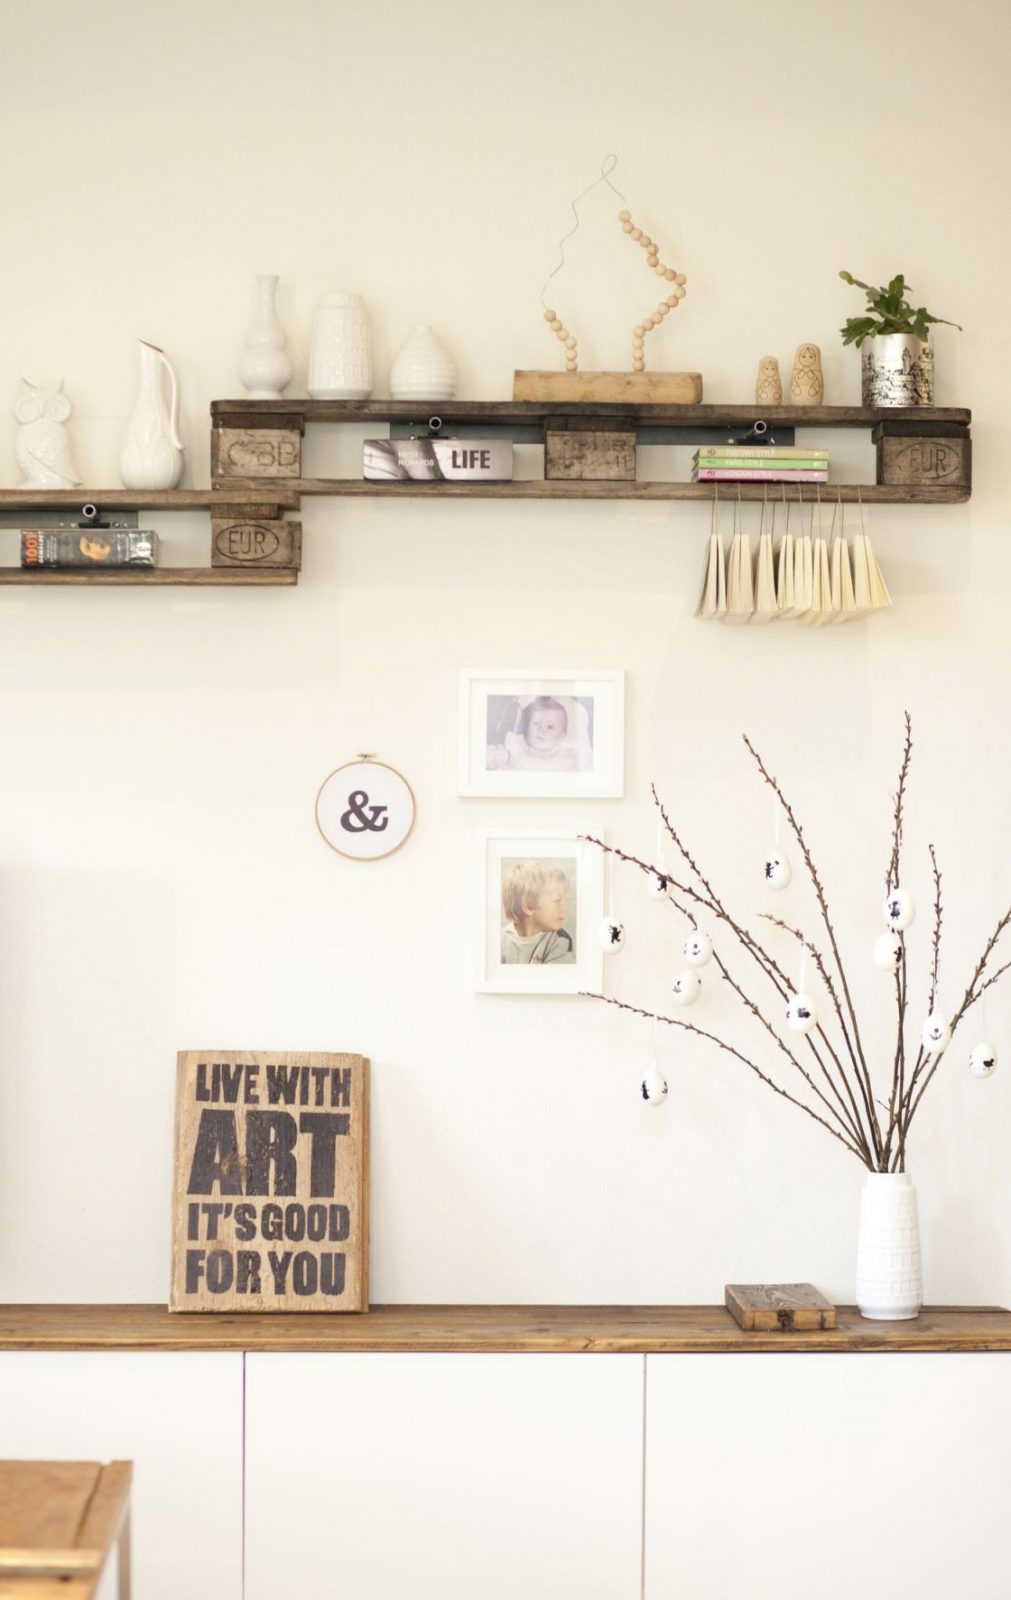 Do It Yourself Ideen Für Dein Zuhause von Günstige Wohnideen Zum Selber Machen Bild